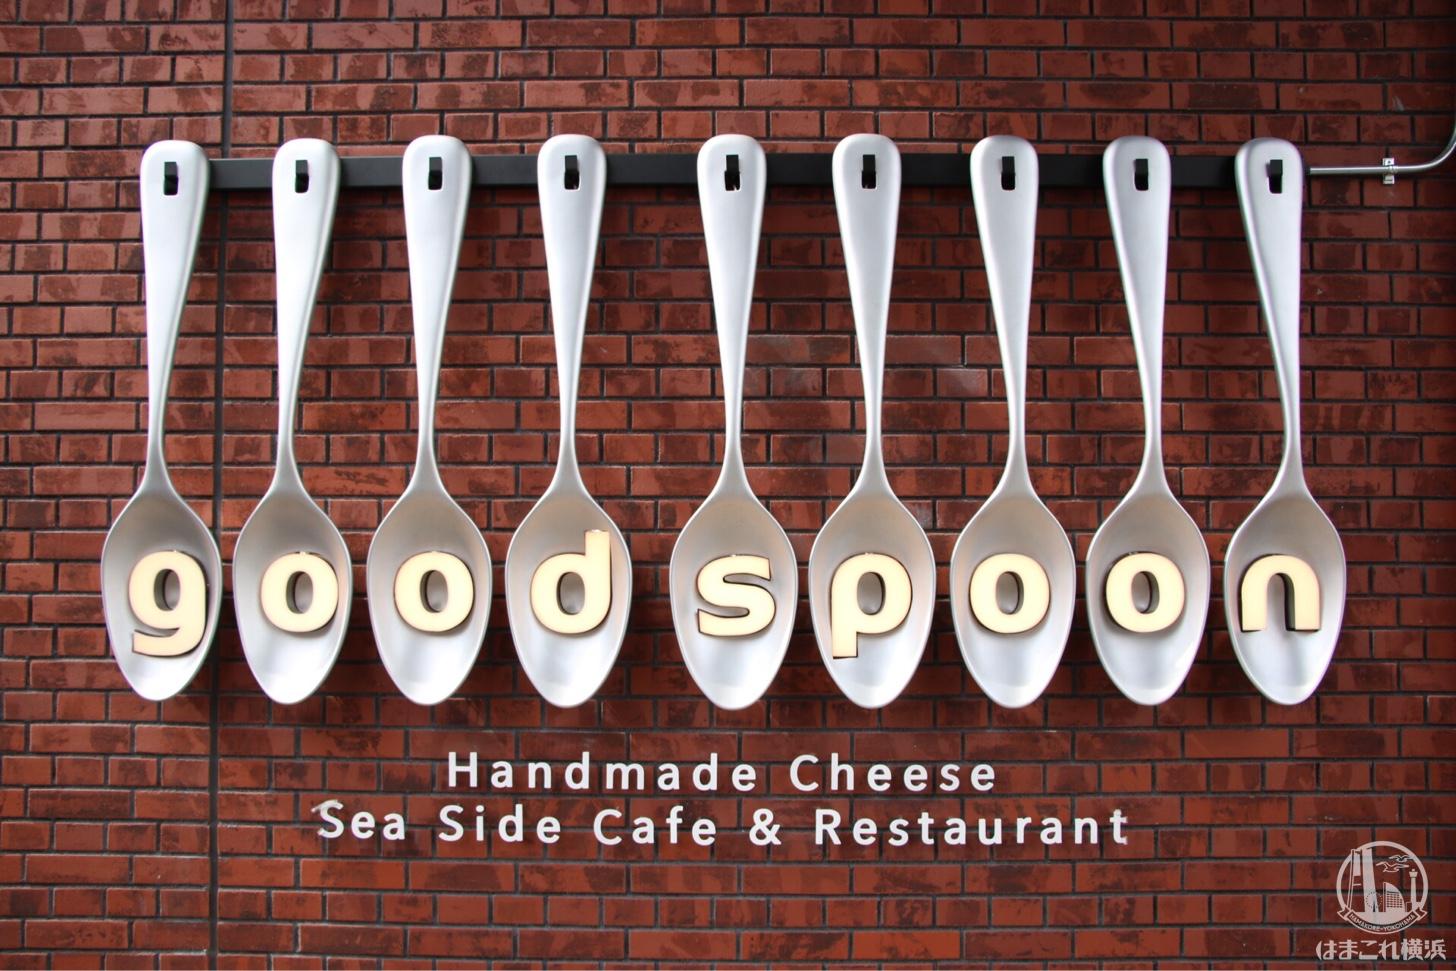 グッドスプーン みなとみらい店 ロゴ